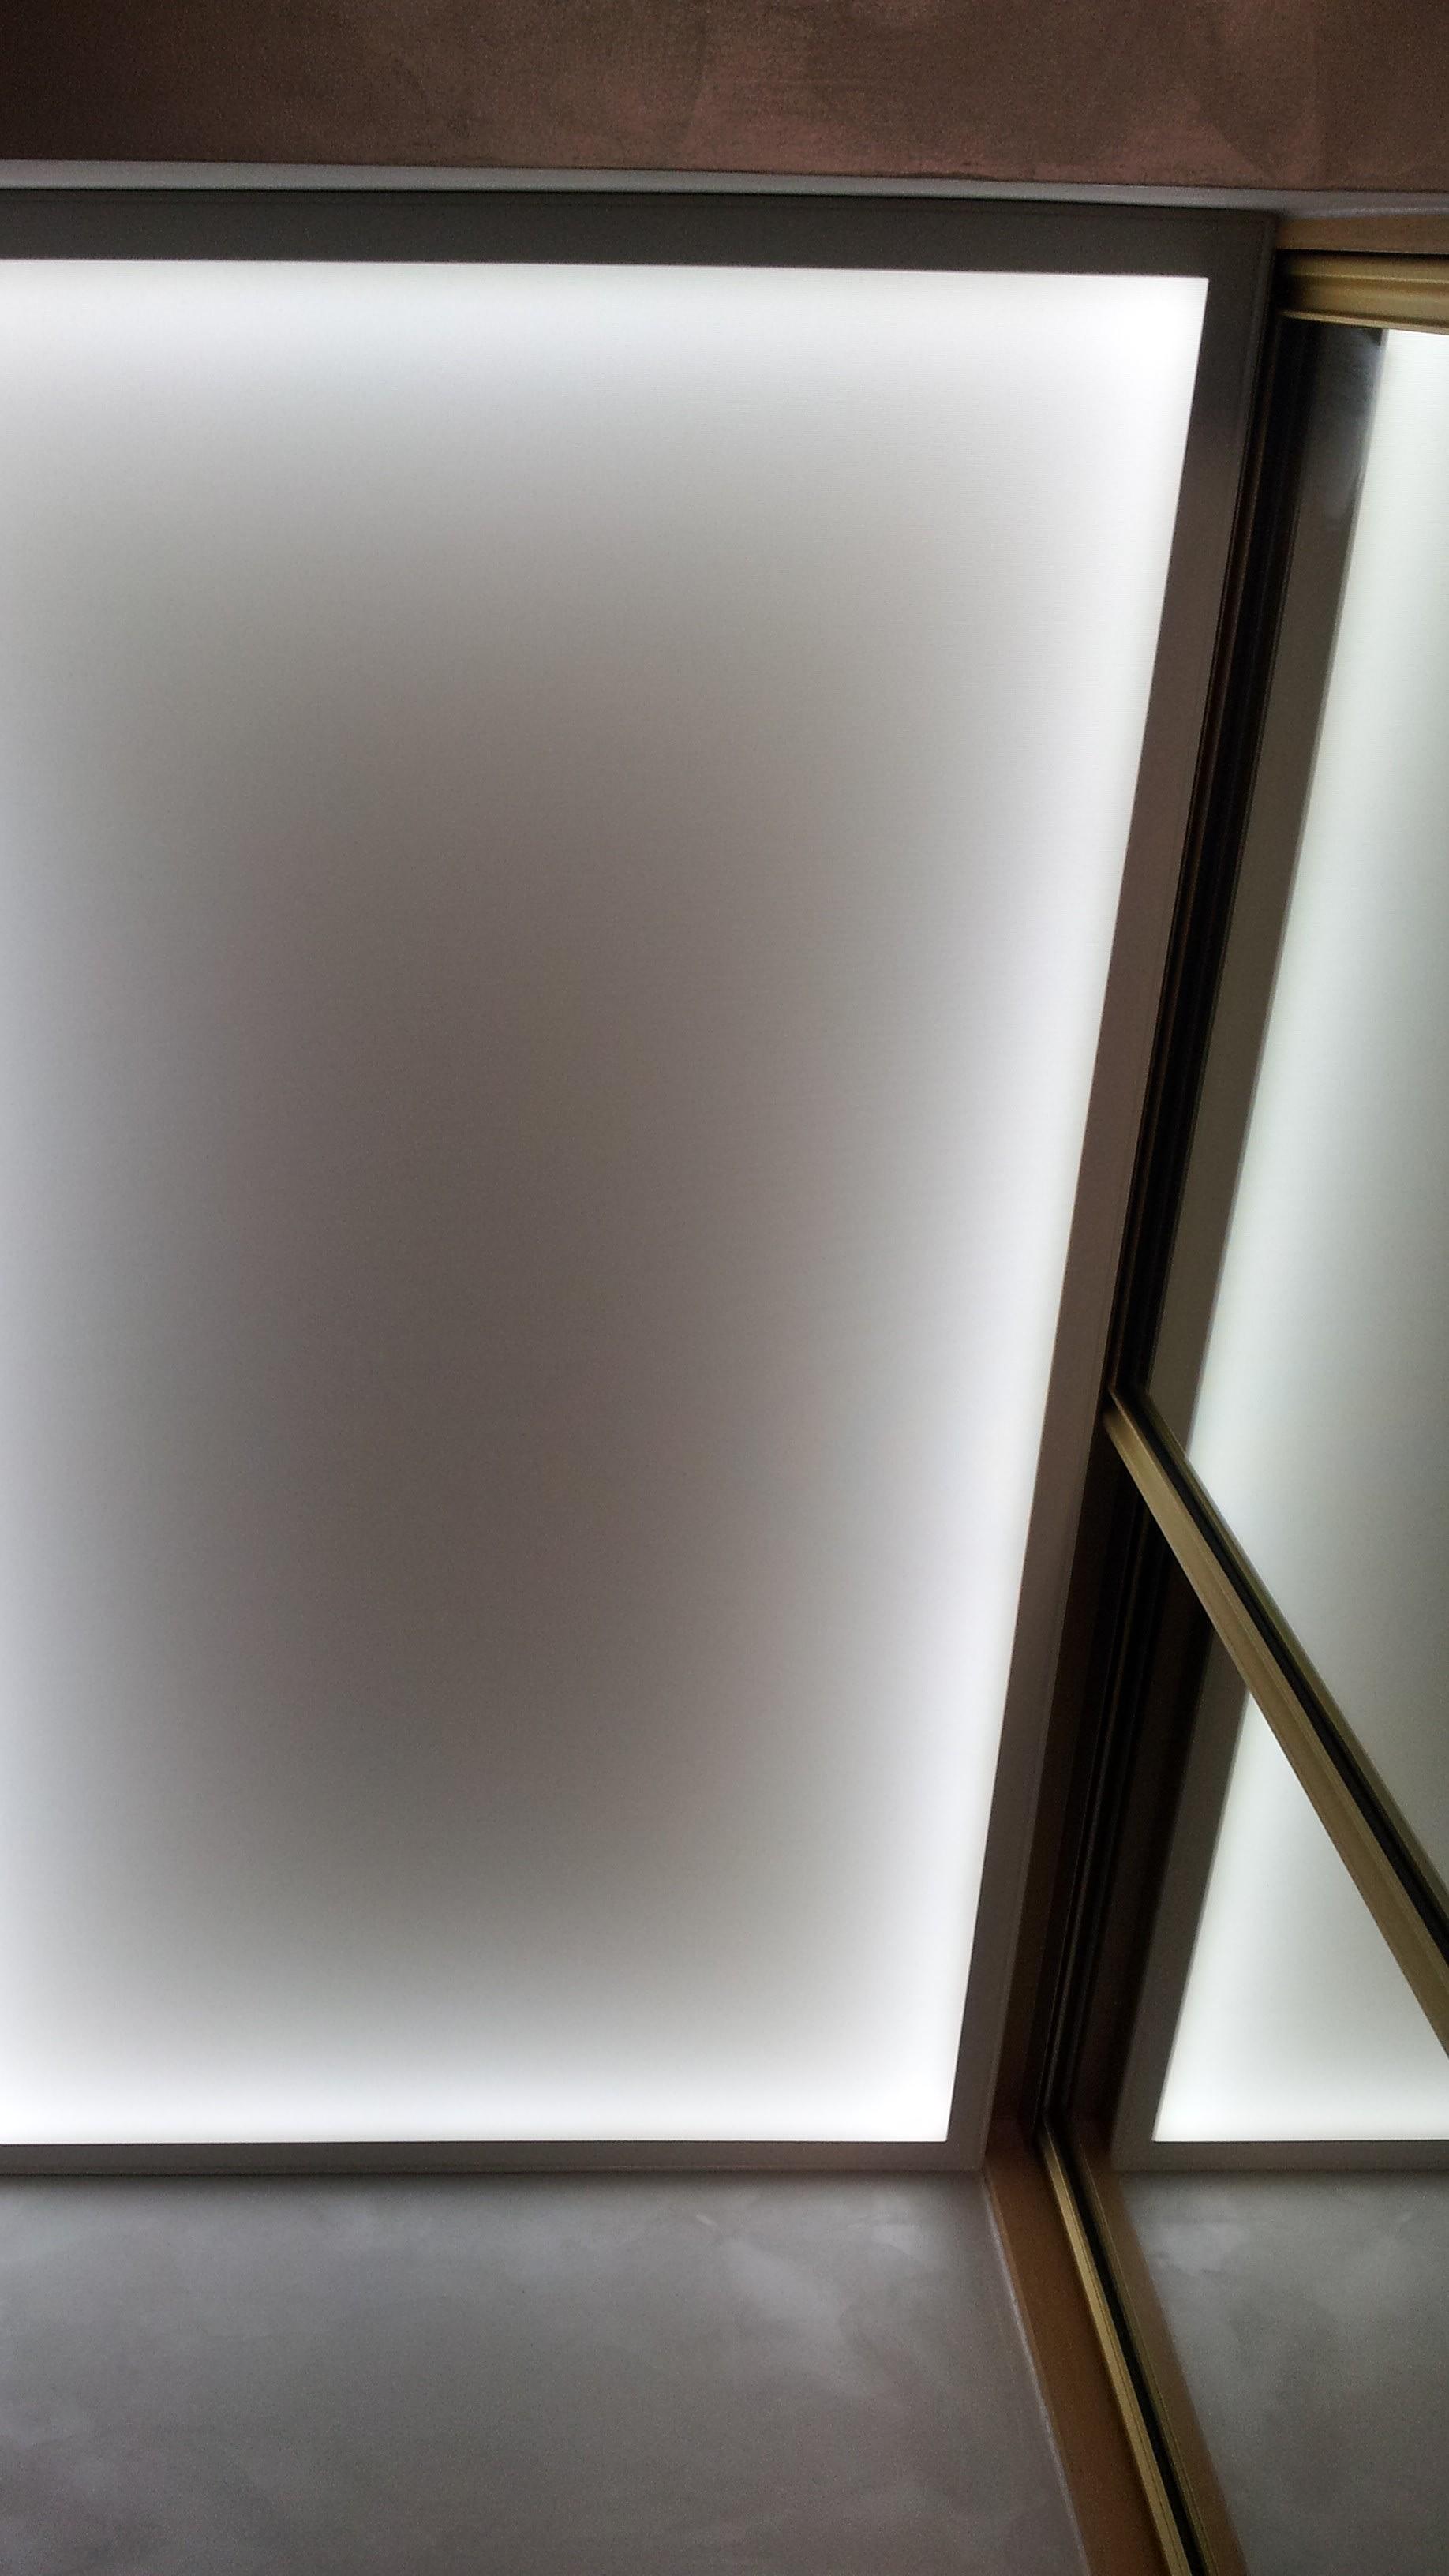 Referenz Privater Flur Eingangsbereich Deckensegel Lichtdecke